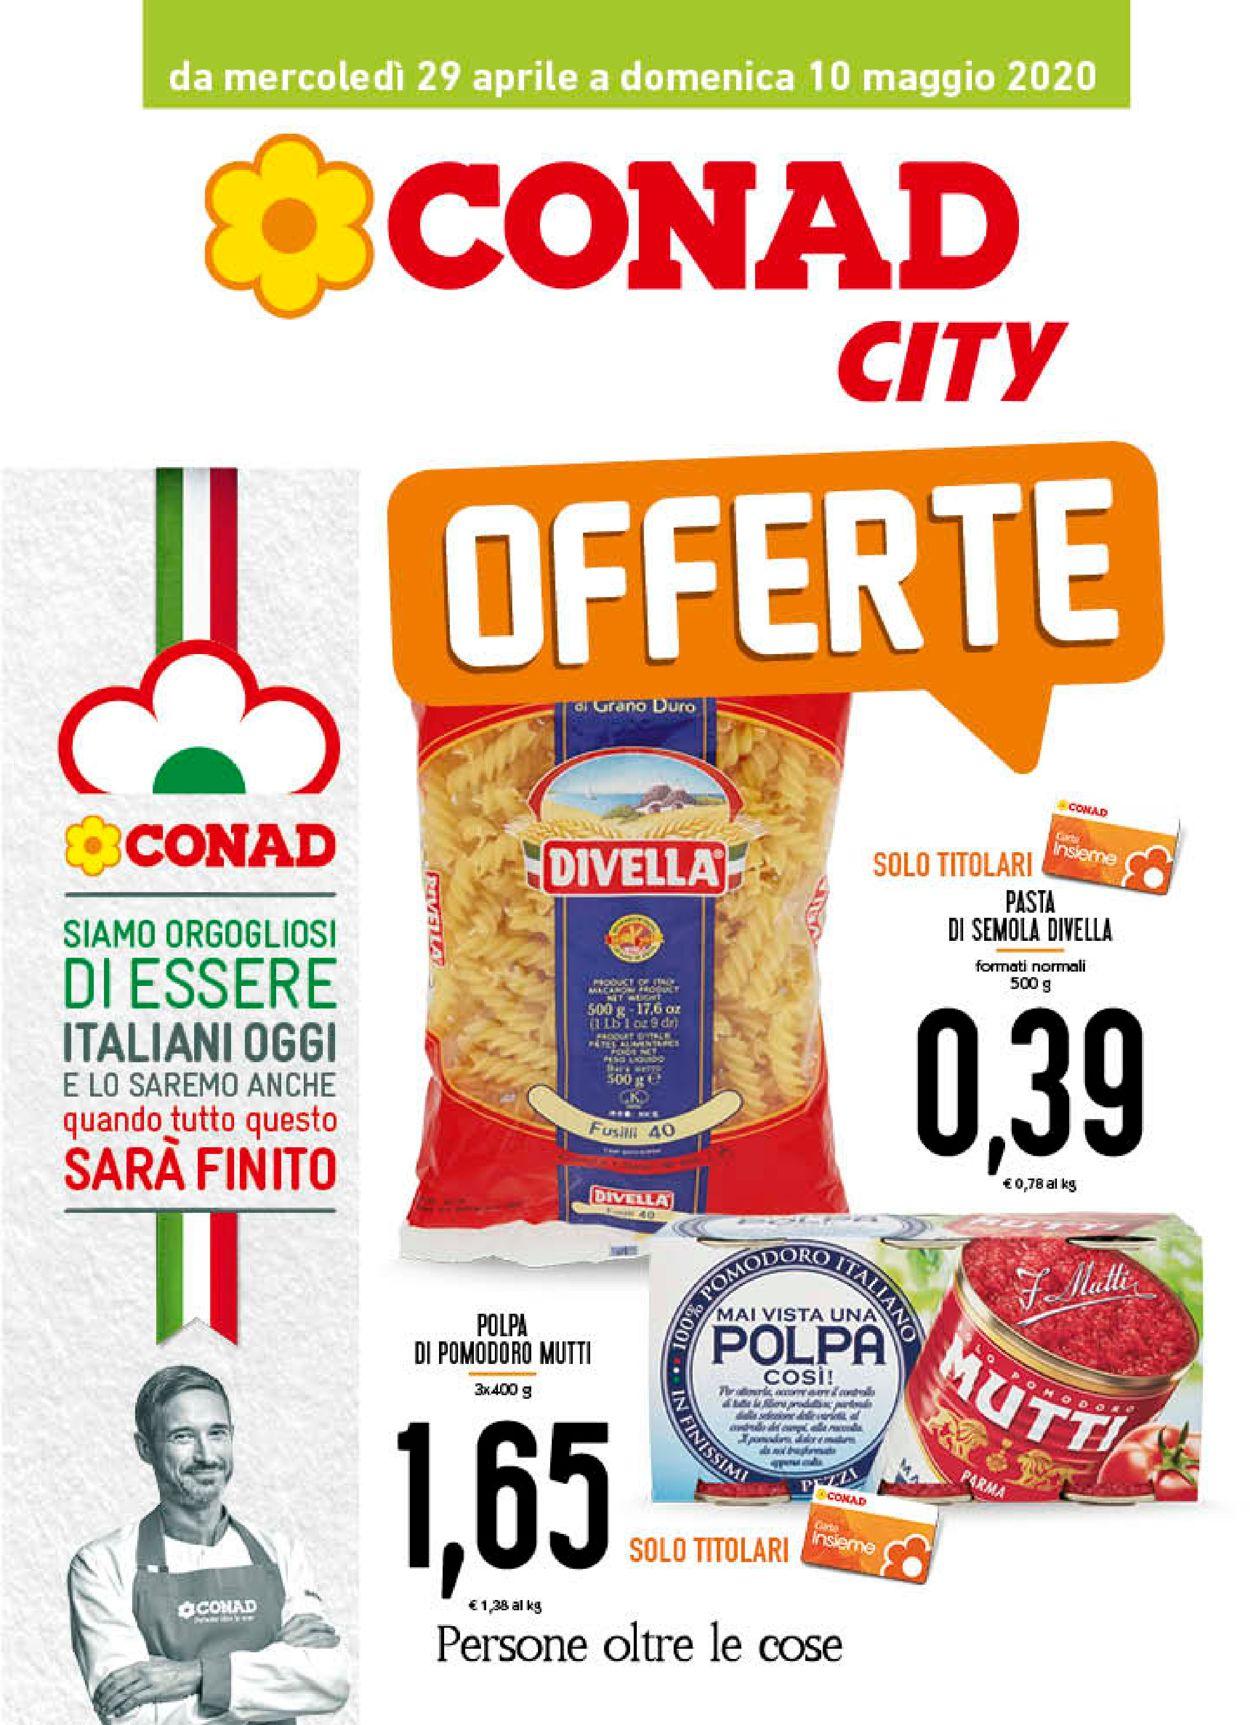 Volantino Conad - Offerte 29/04-10/05/2020